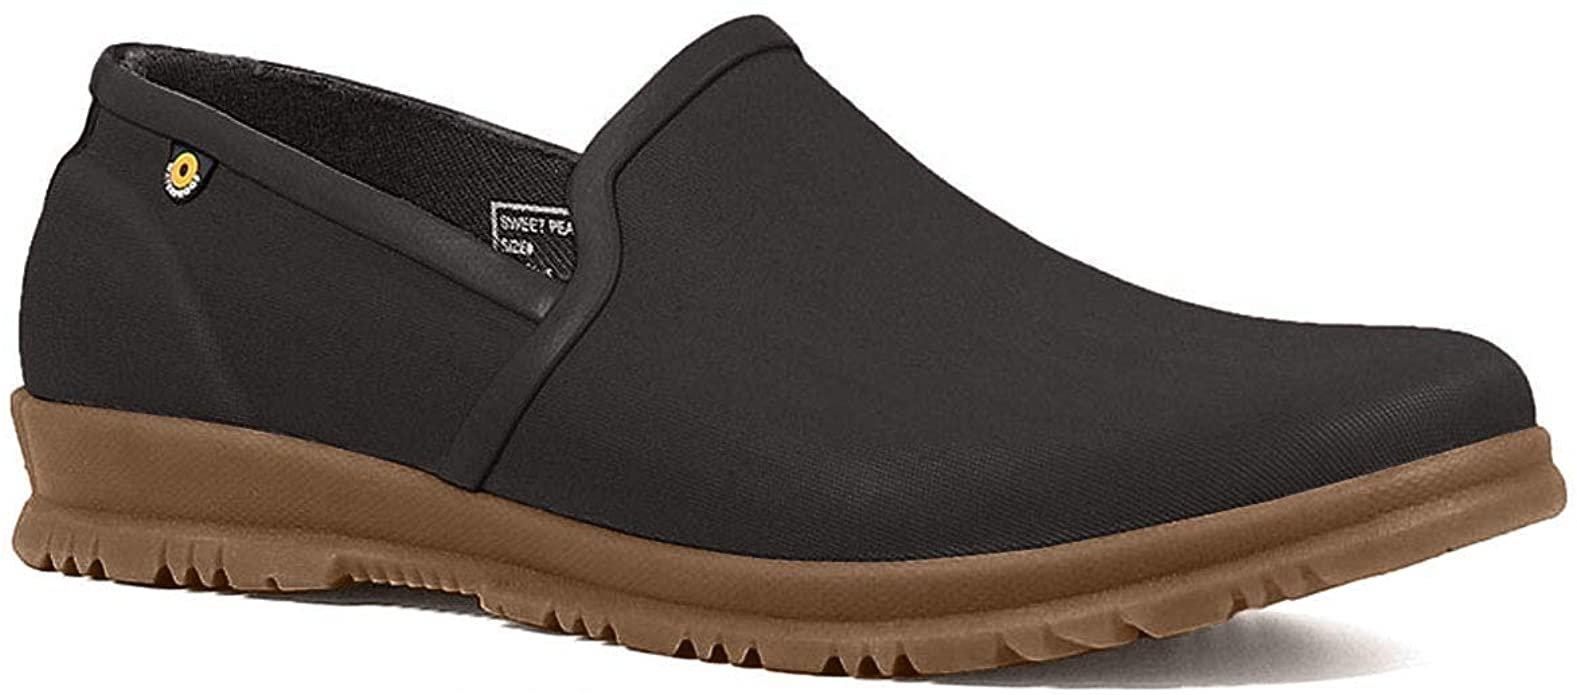 W's Bogs Sweet Pea Slip On Waterproof Shoe Black